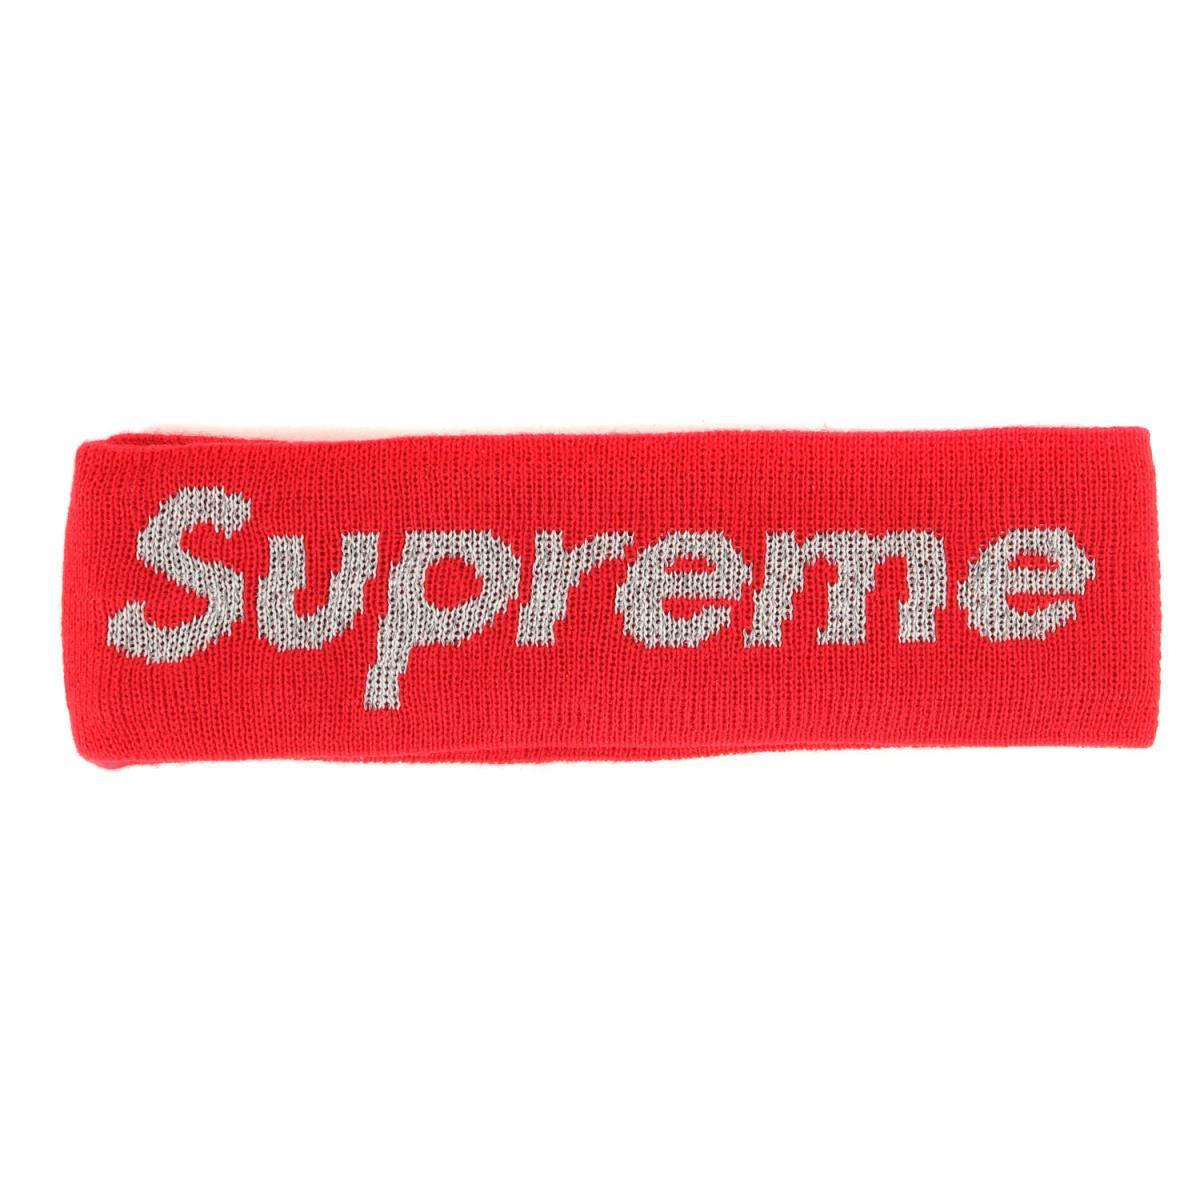 メンズ帽子, その他 Supreme NEW ERA New Era Reflective Logo Headband 17AW K3127